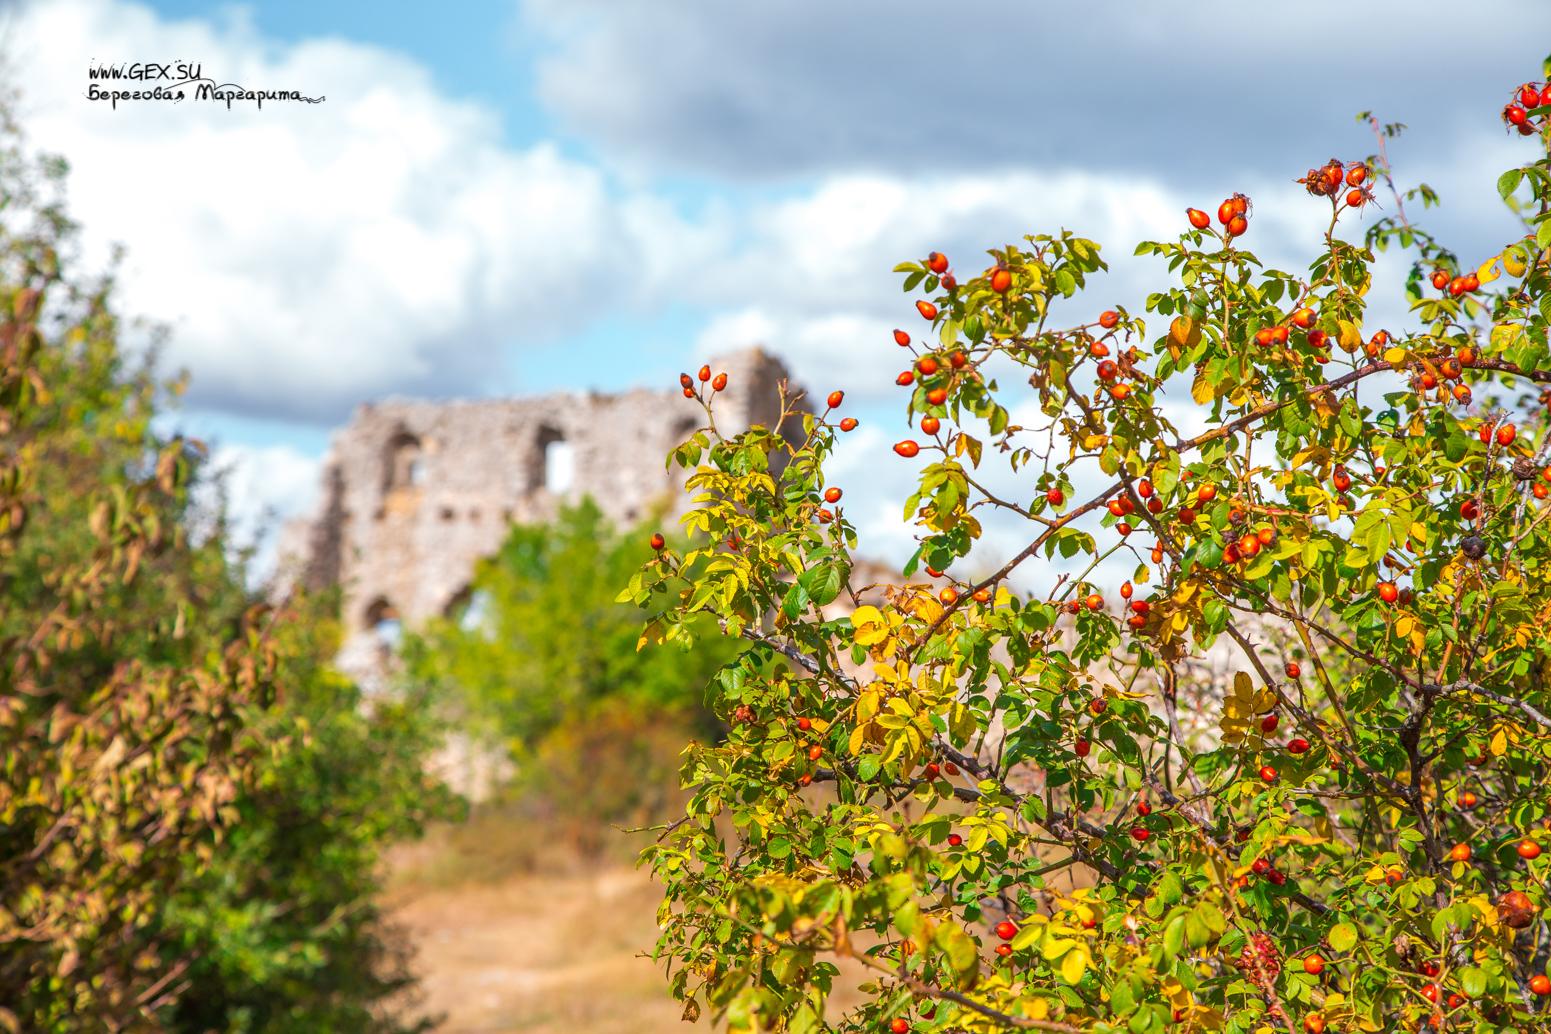 город-крепость Мангуп Кале